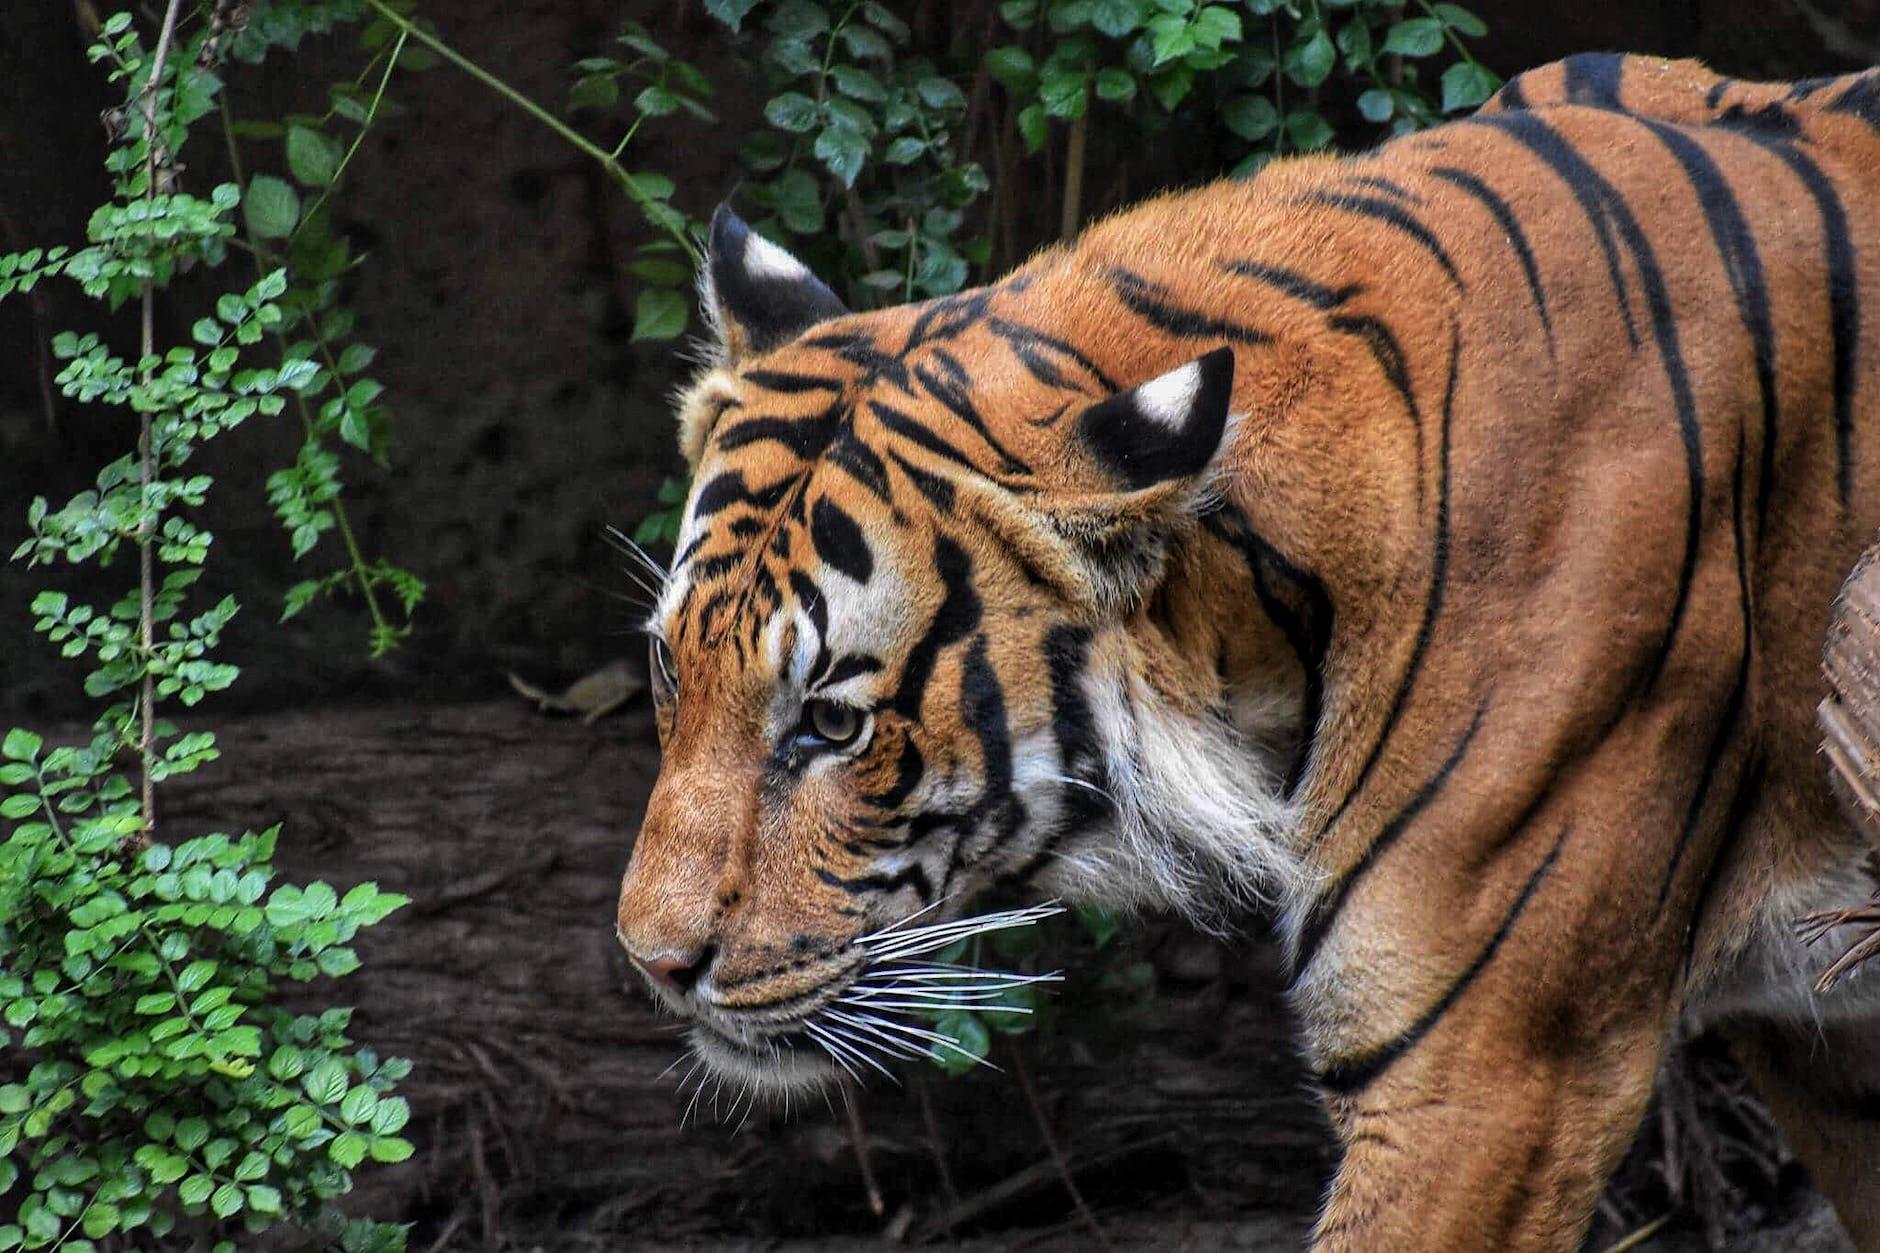 動物, 動物園, 動物攝影